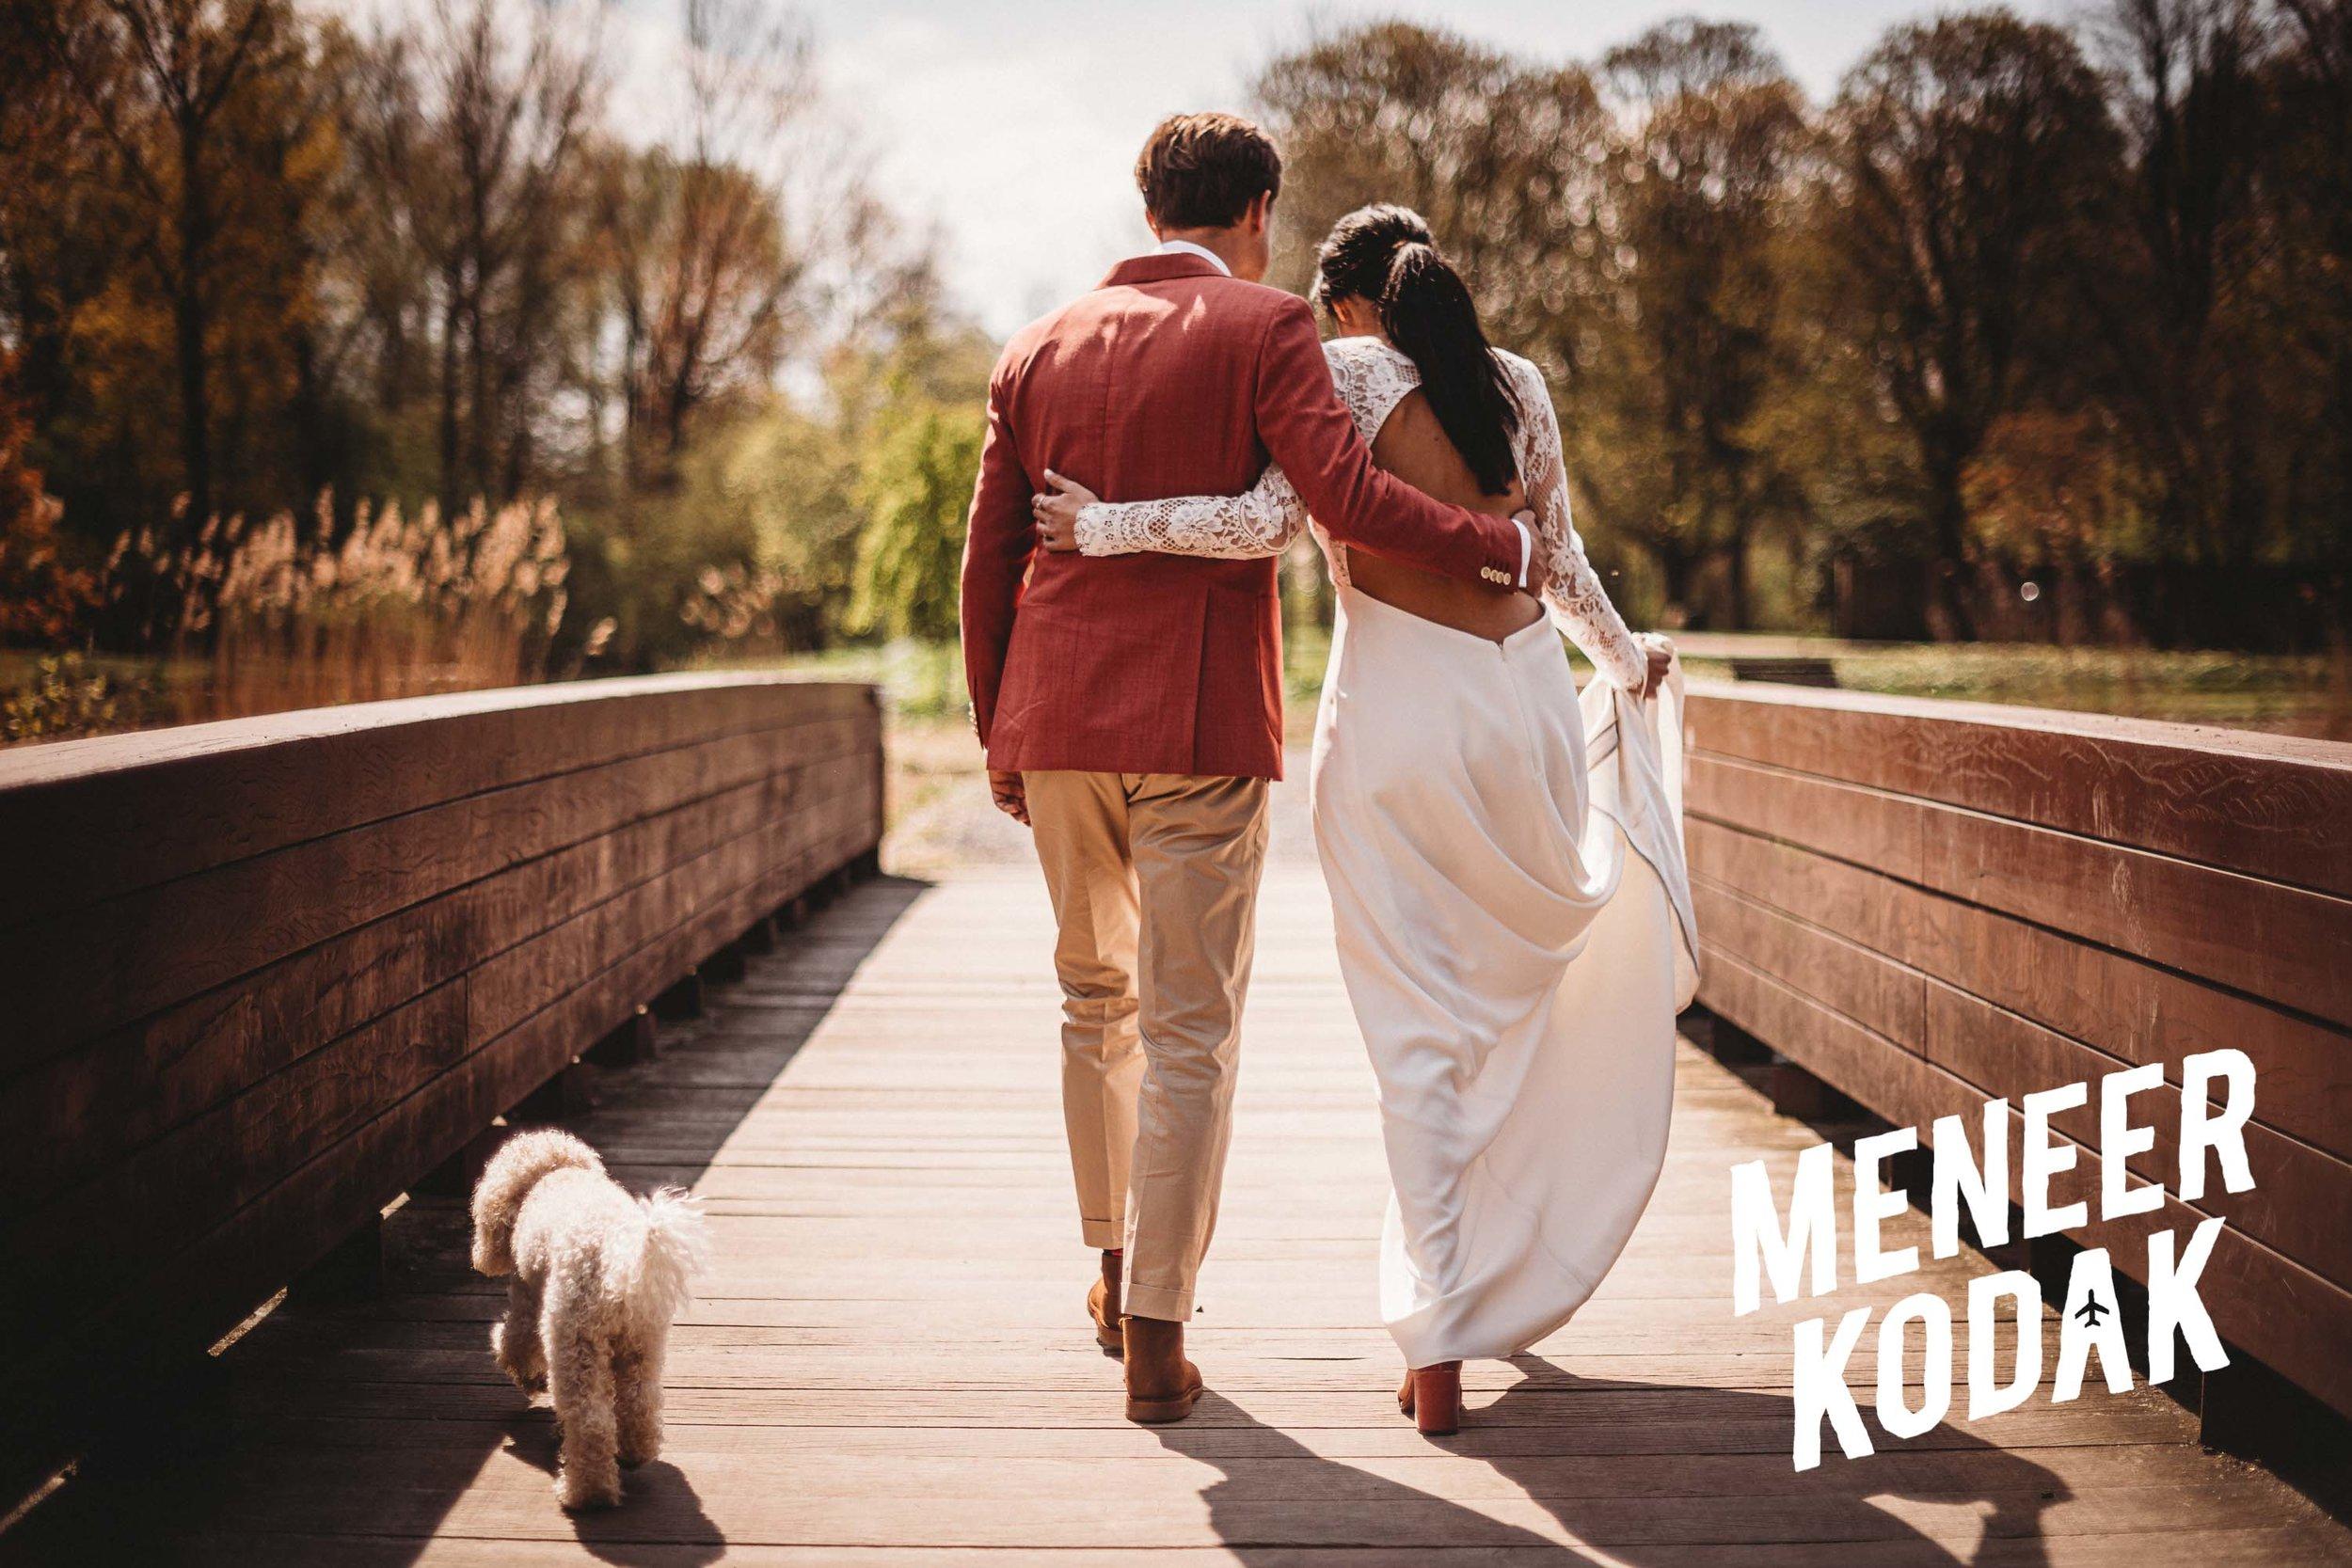 Meneer Kodak - Bruidsfotograaf - Amsterdam - M&J-024.jpg